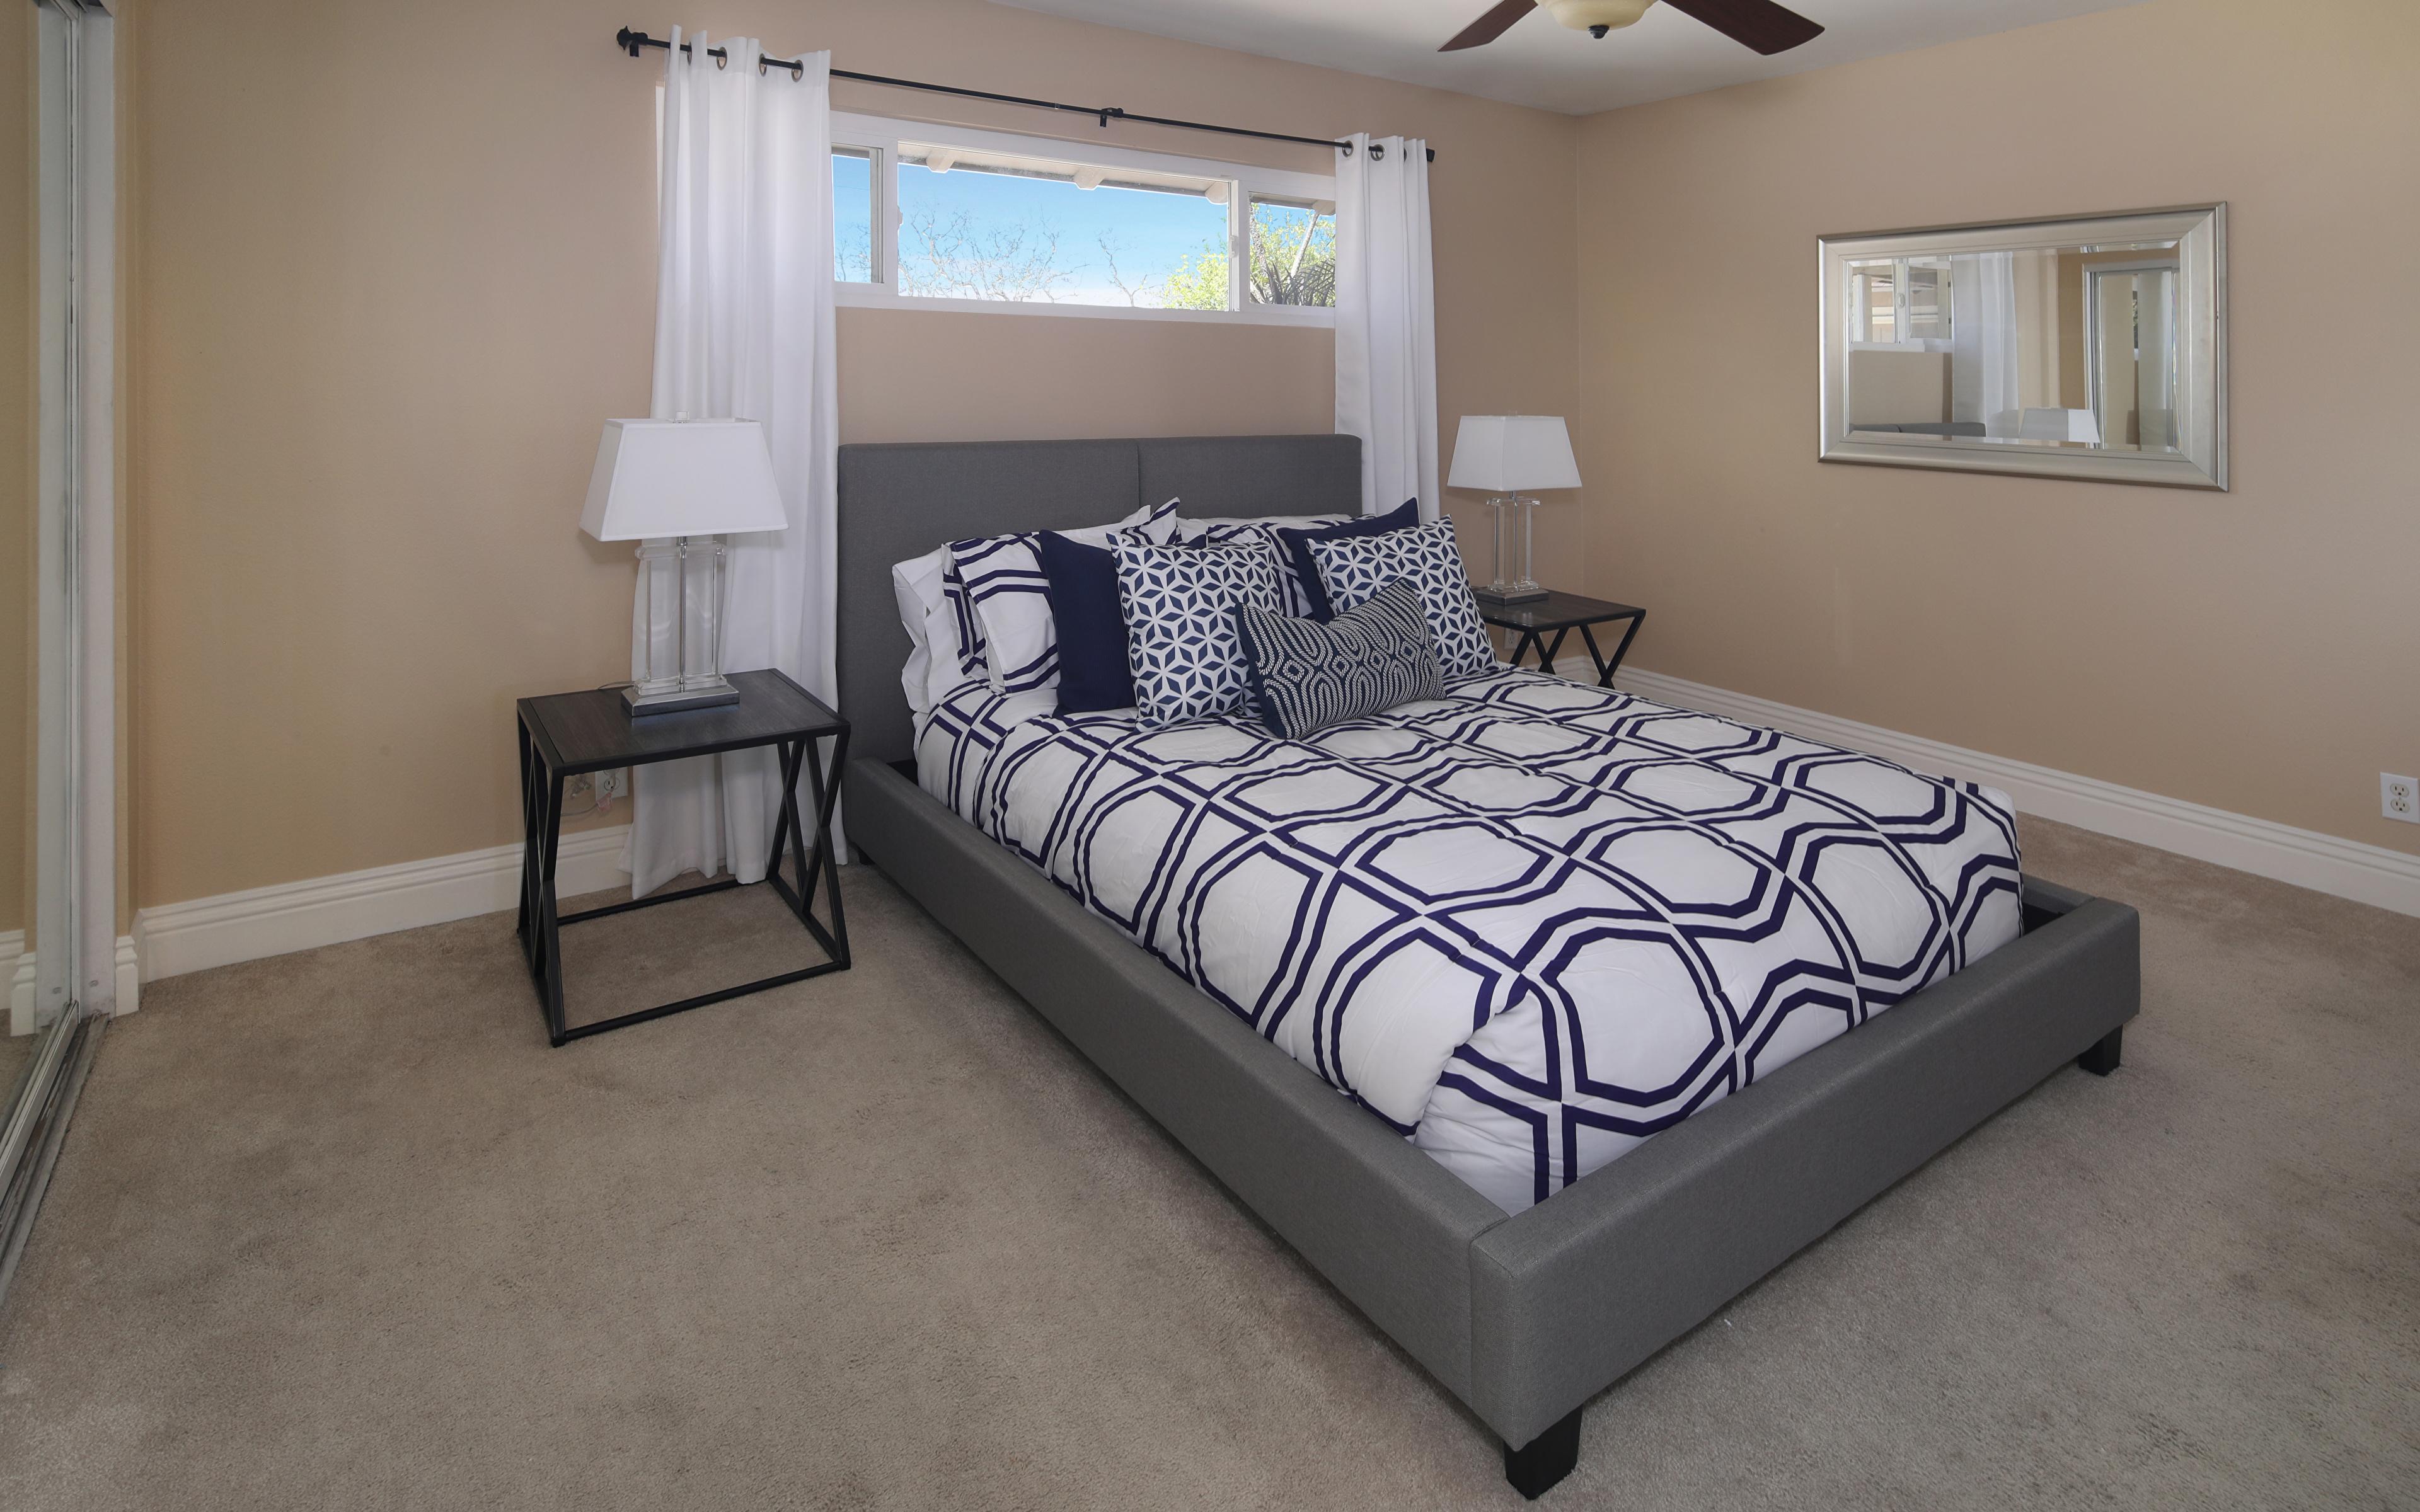 Картинка Спальня Интерьер Кровать подушка дизайна 3840x2400 спальни спальне кровате кровати Подушки Дизайн